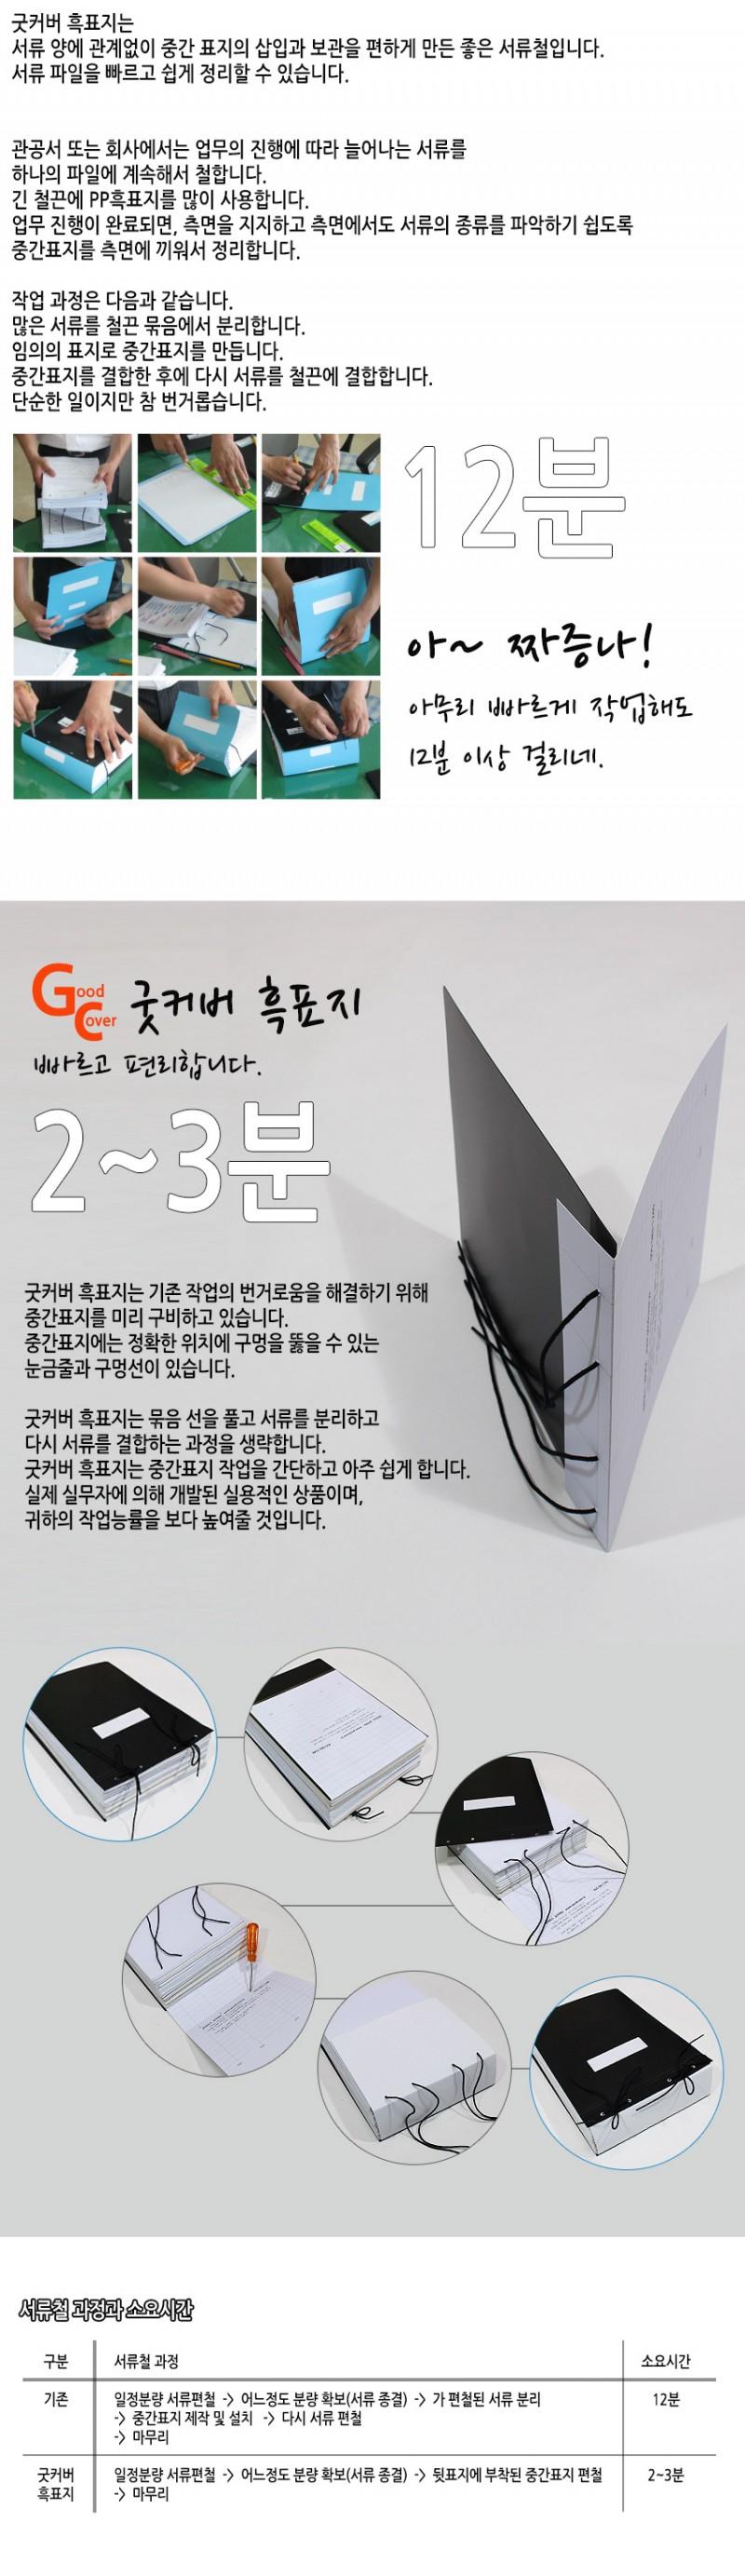 goods_gc_sogae.jpg